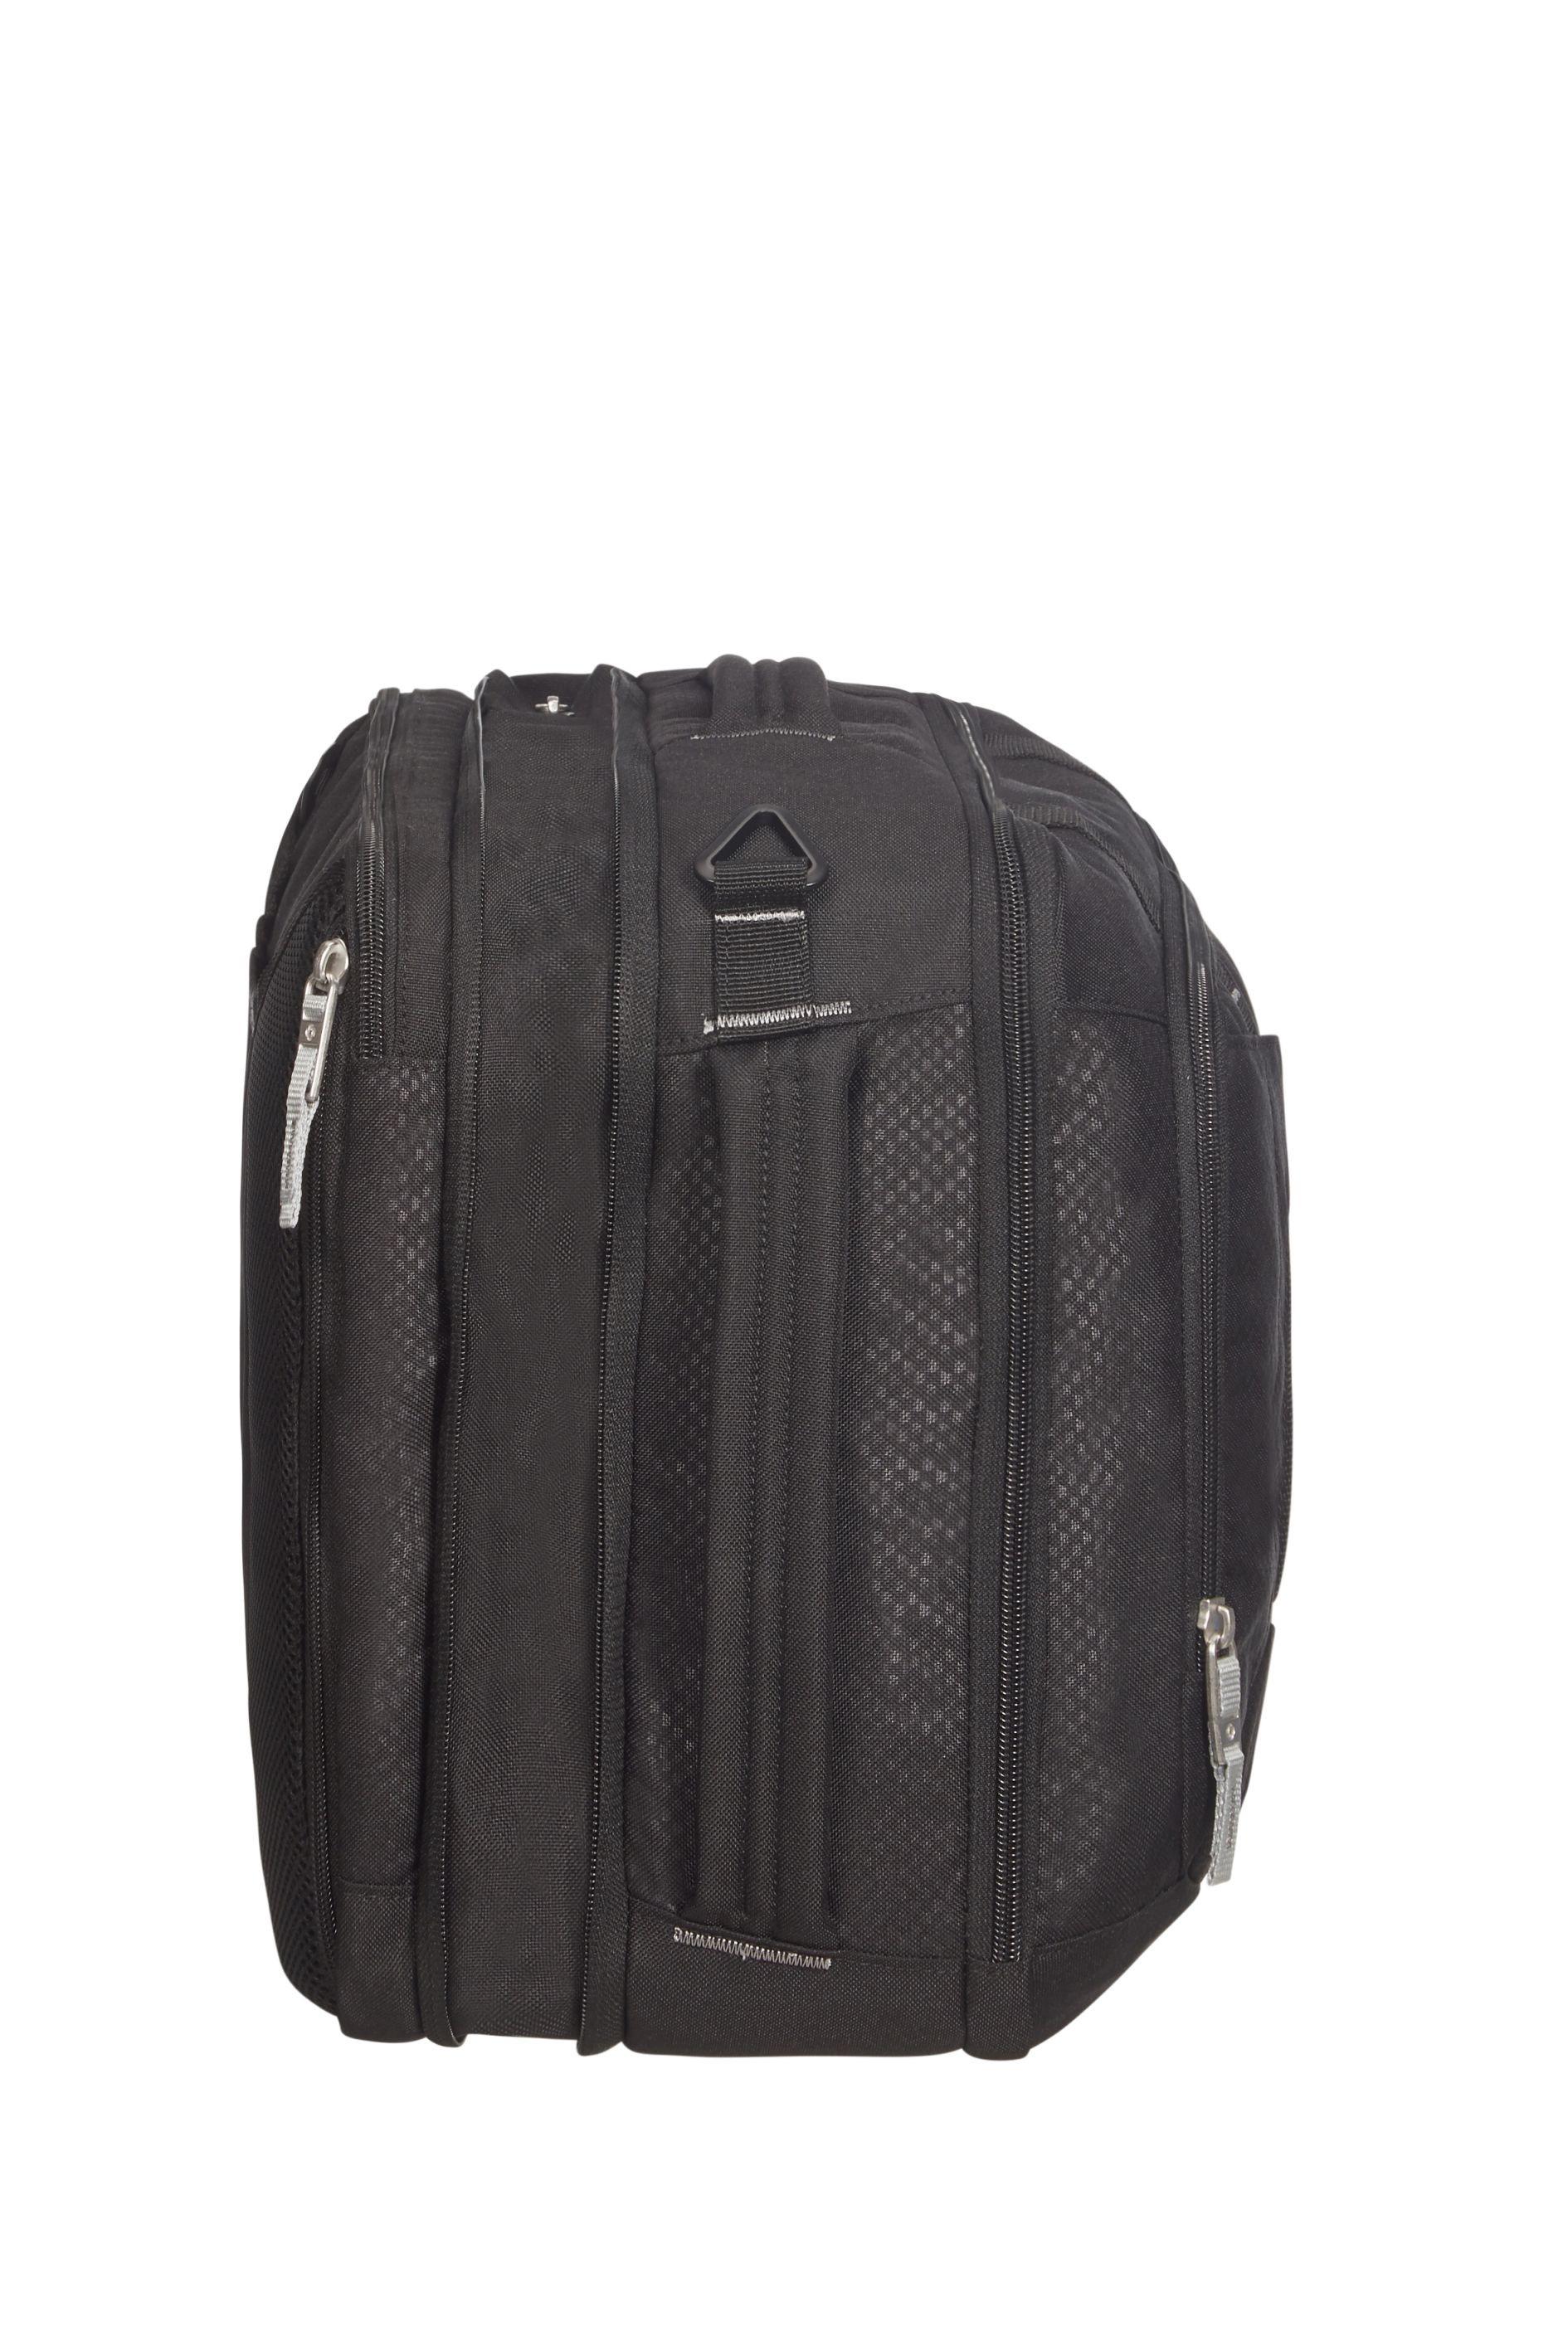 Samsonite Sonora 3-Way Shoulder Bag EXP, View 6